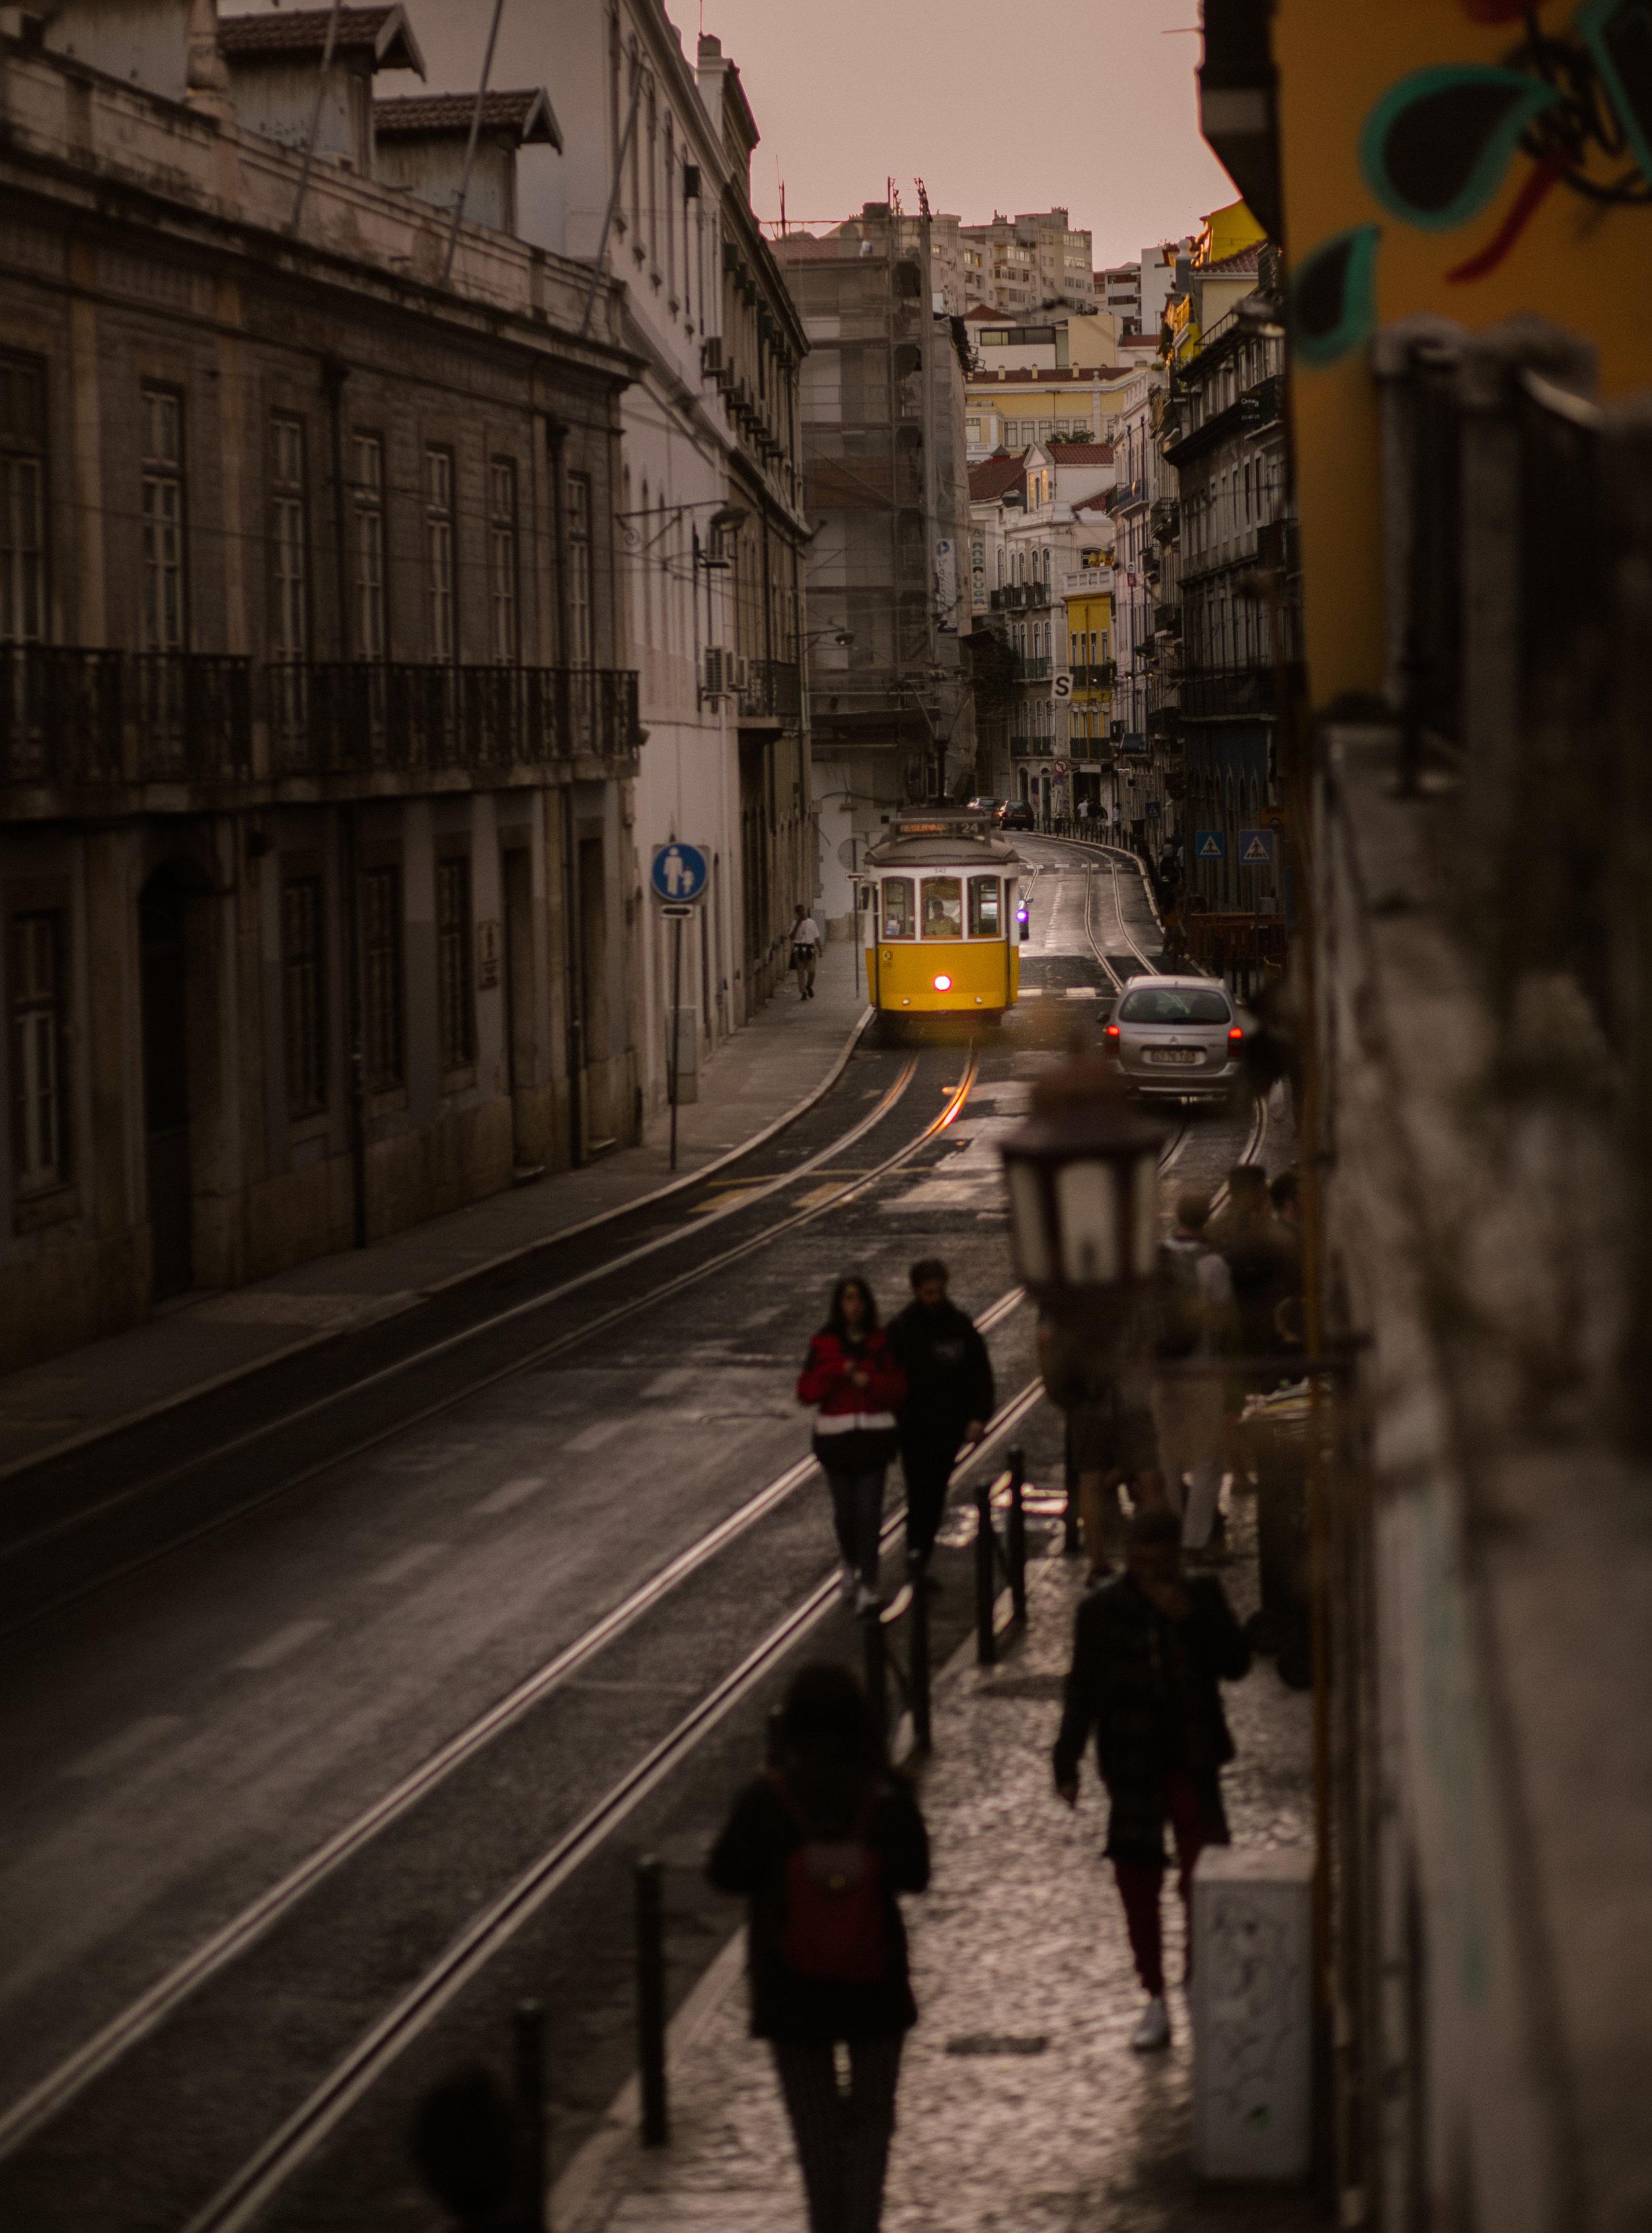 Lisbonportugal-218.jpg